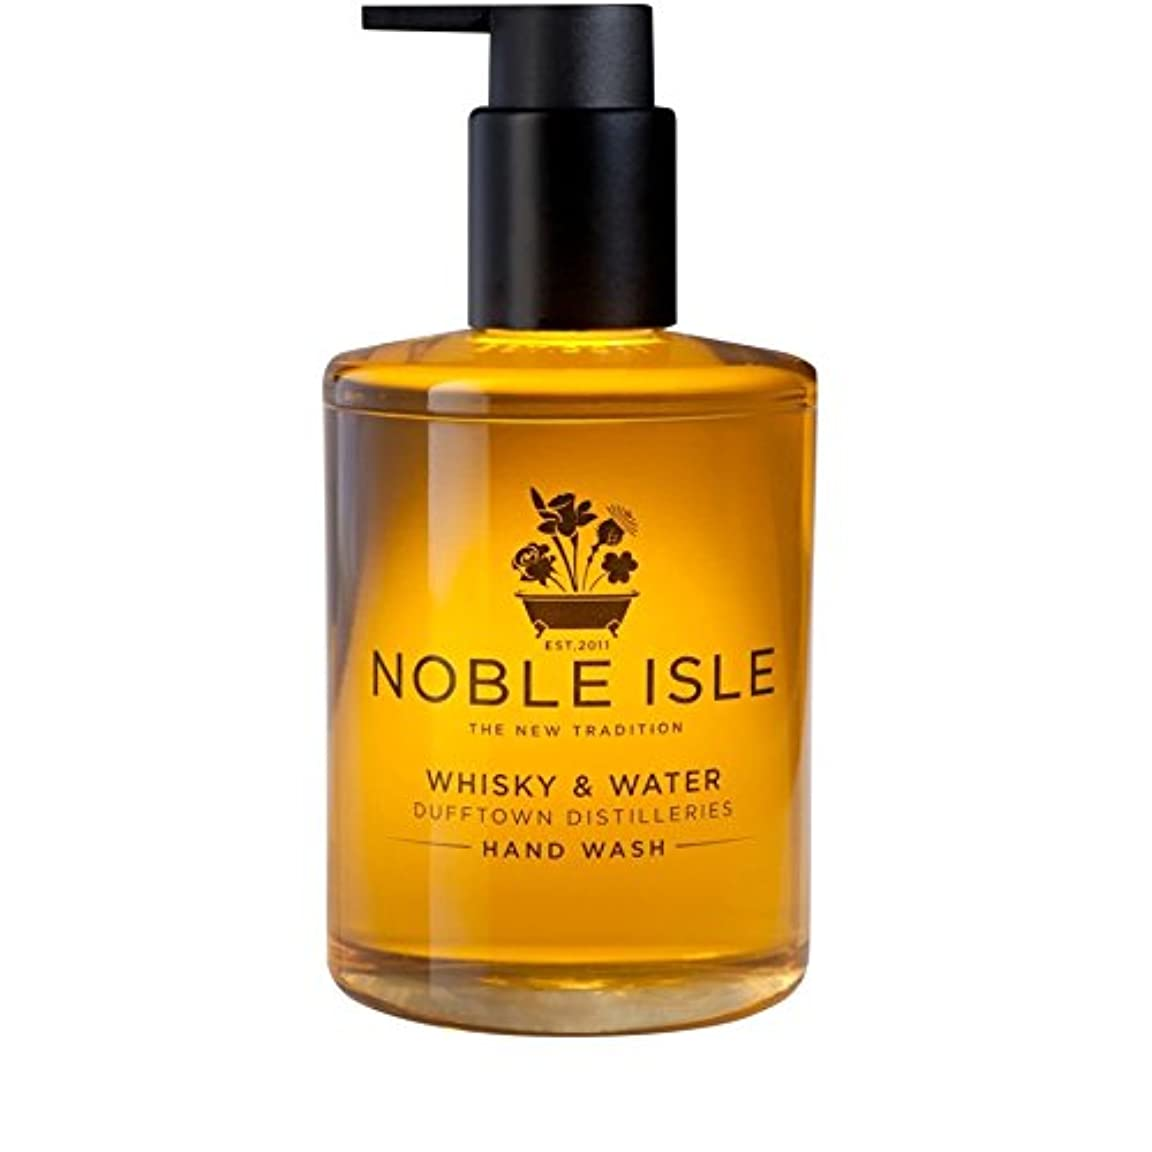 寮征服乱闘Noble Isle Whisky and Water Dufftown Distilleries Hand Wash 250ml - 高貴な島の水割りの蒸留所のハンドウォッシュ250ミリリットル [並行輸入品]